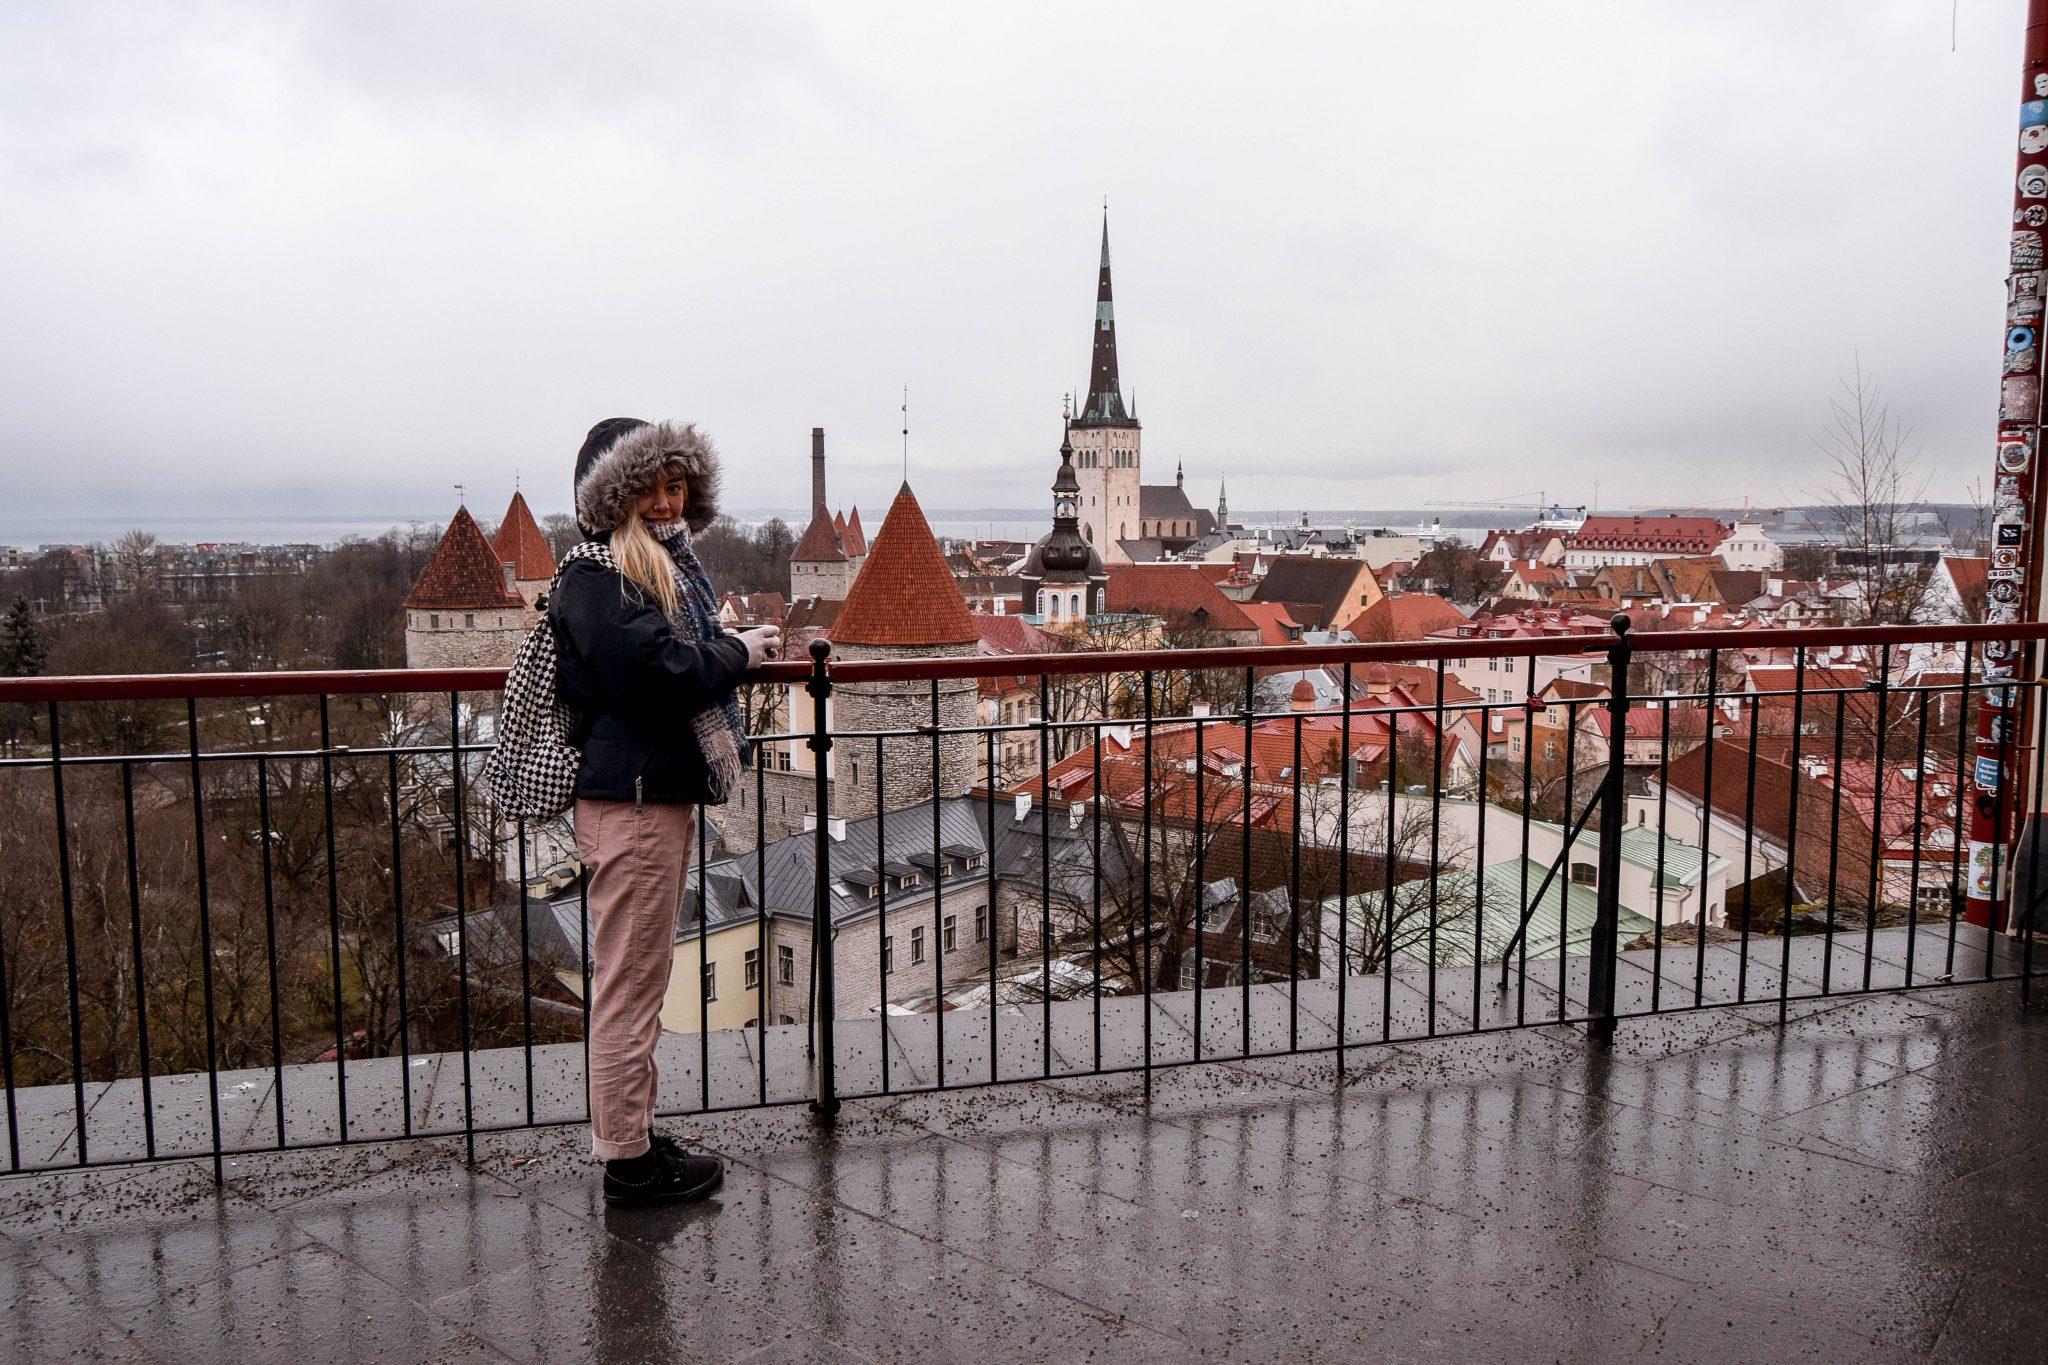 Tallinn Viewpoints In Tallinn - Patkuli Viewing Platform Tallinn Estonia